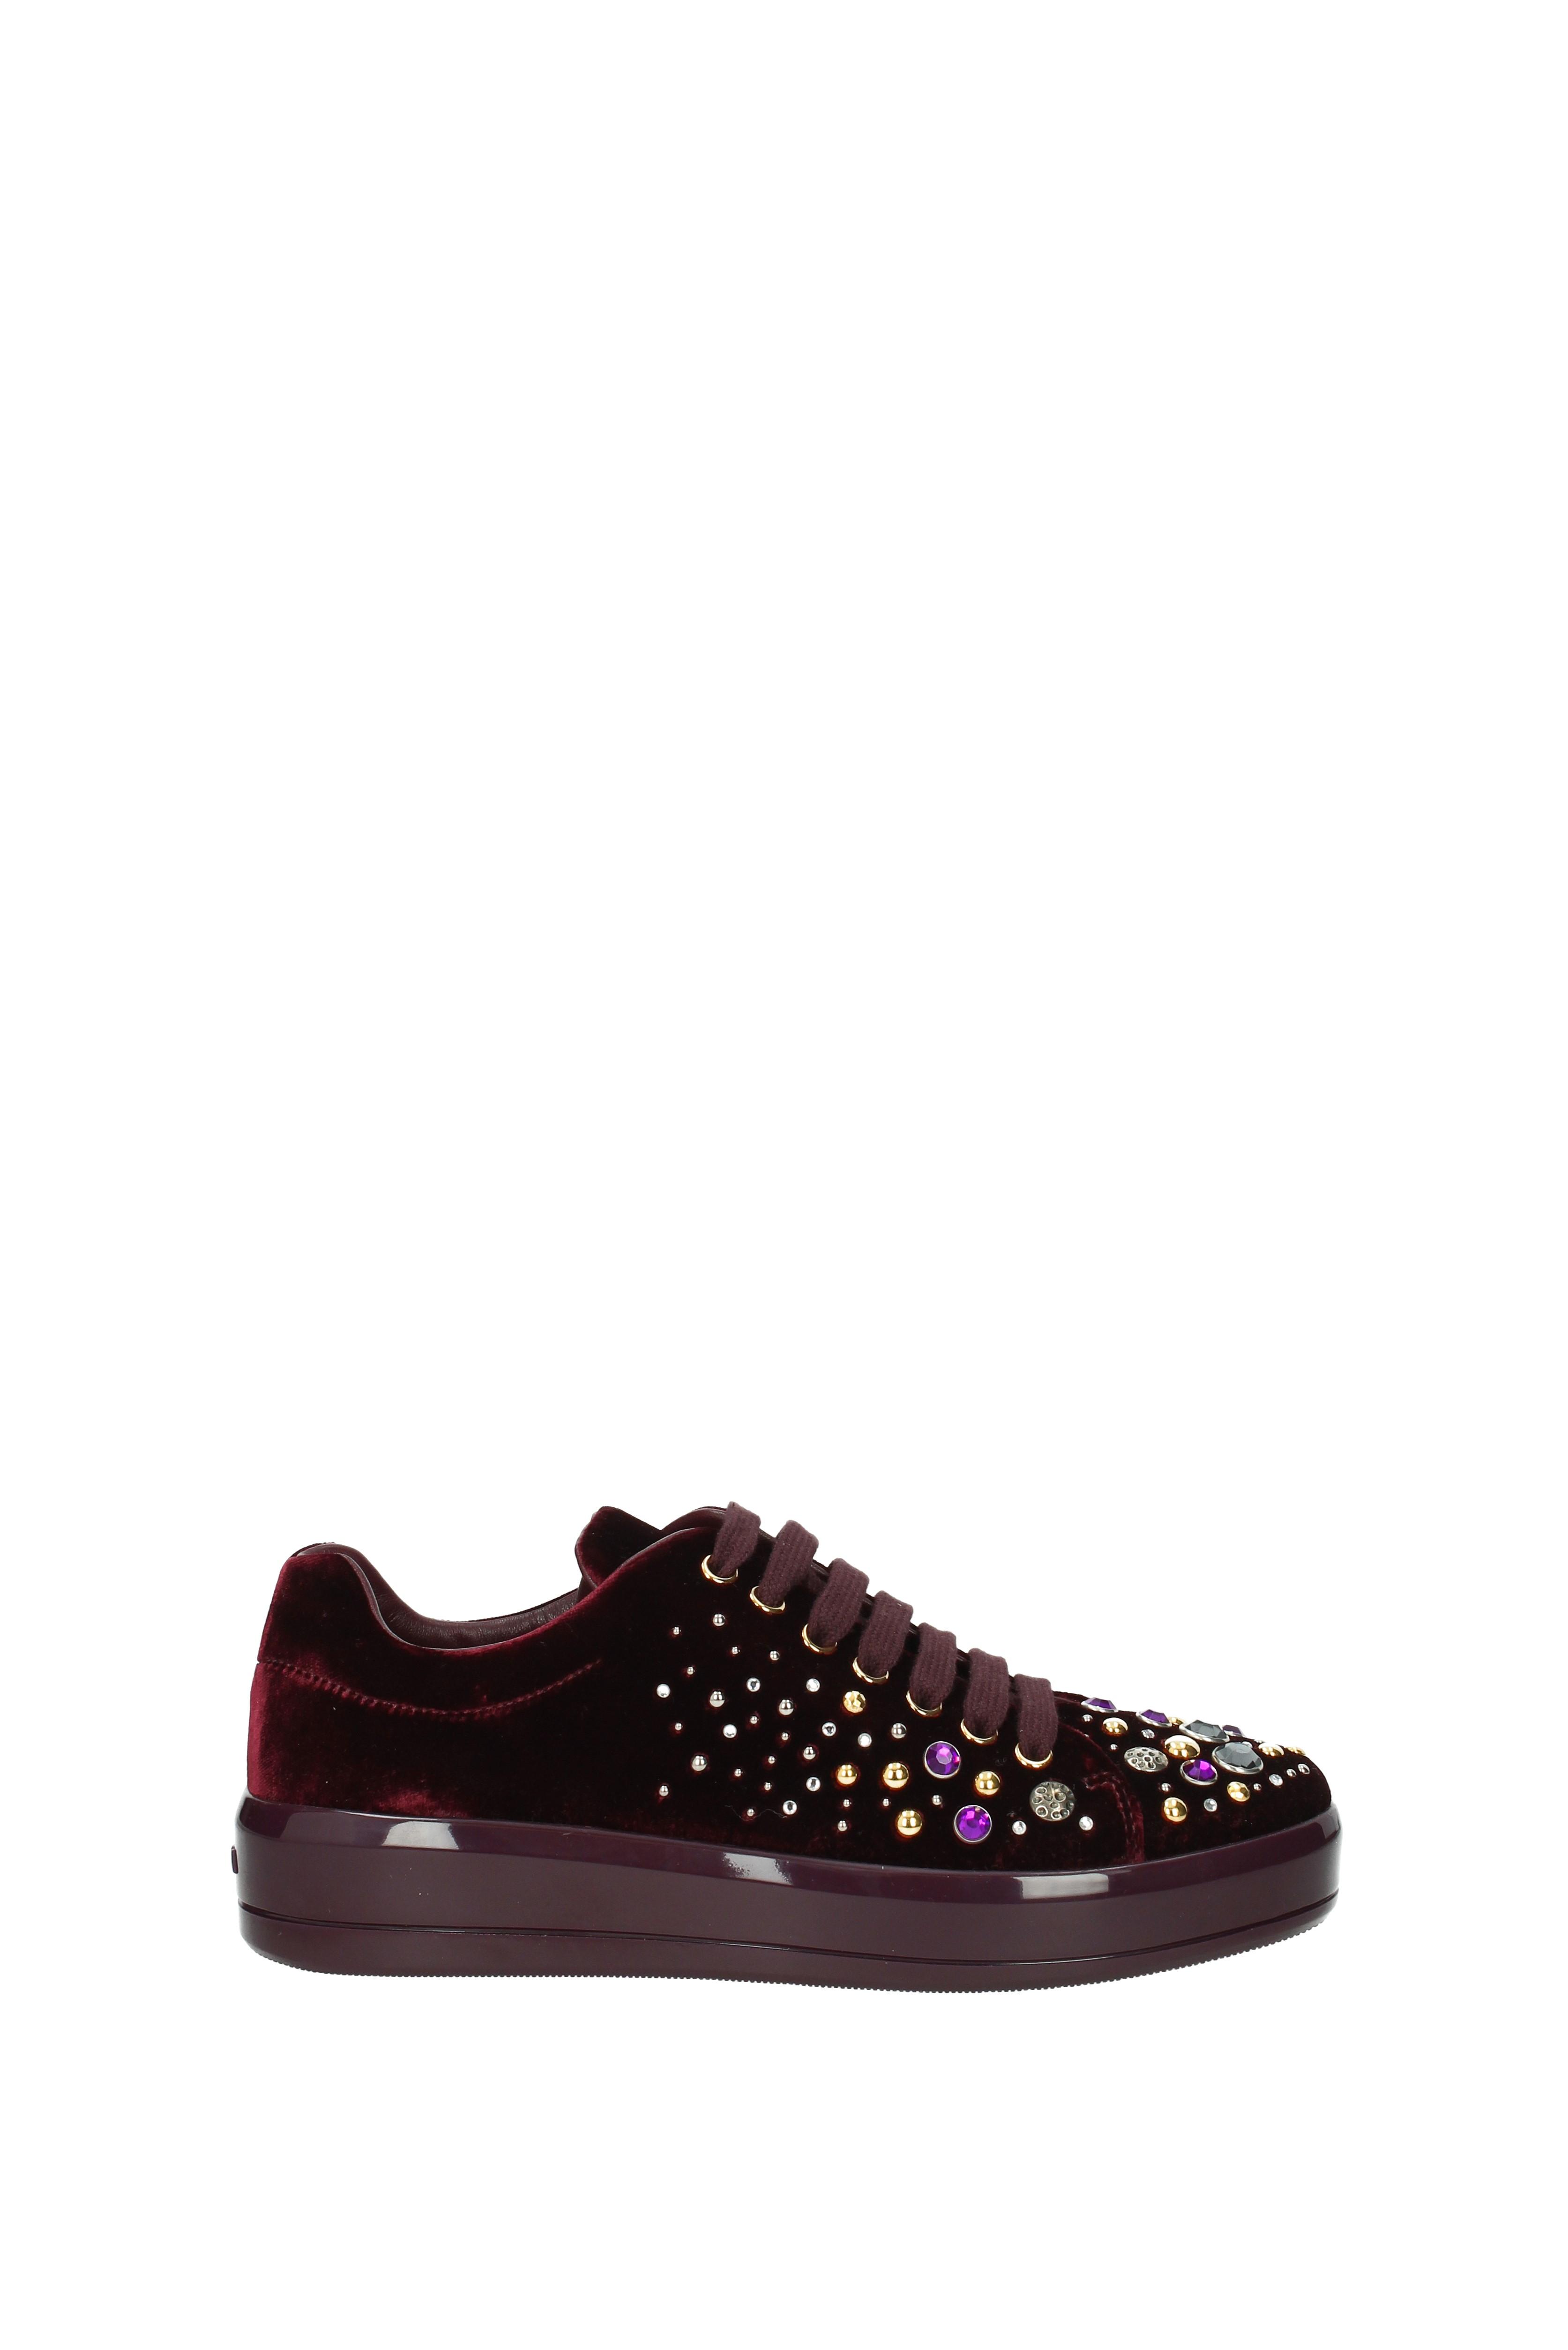 Sneakers Prada Women - Velvet Velvet - (1E971H) eedb62